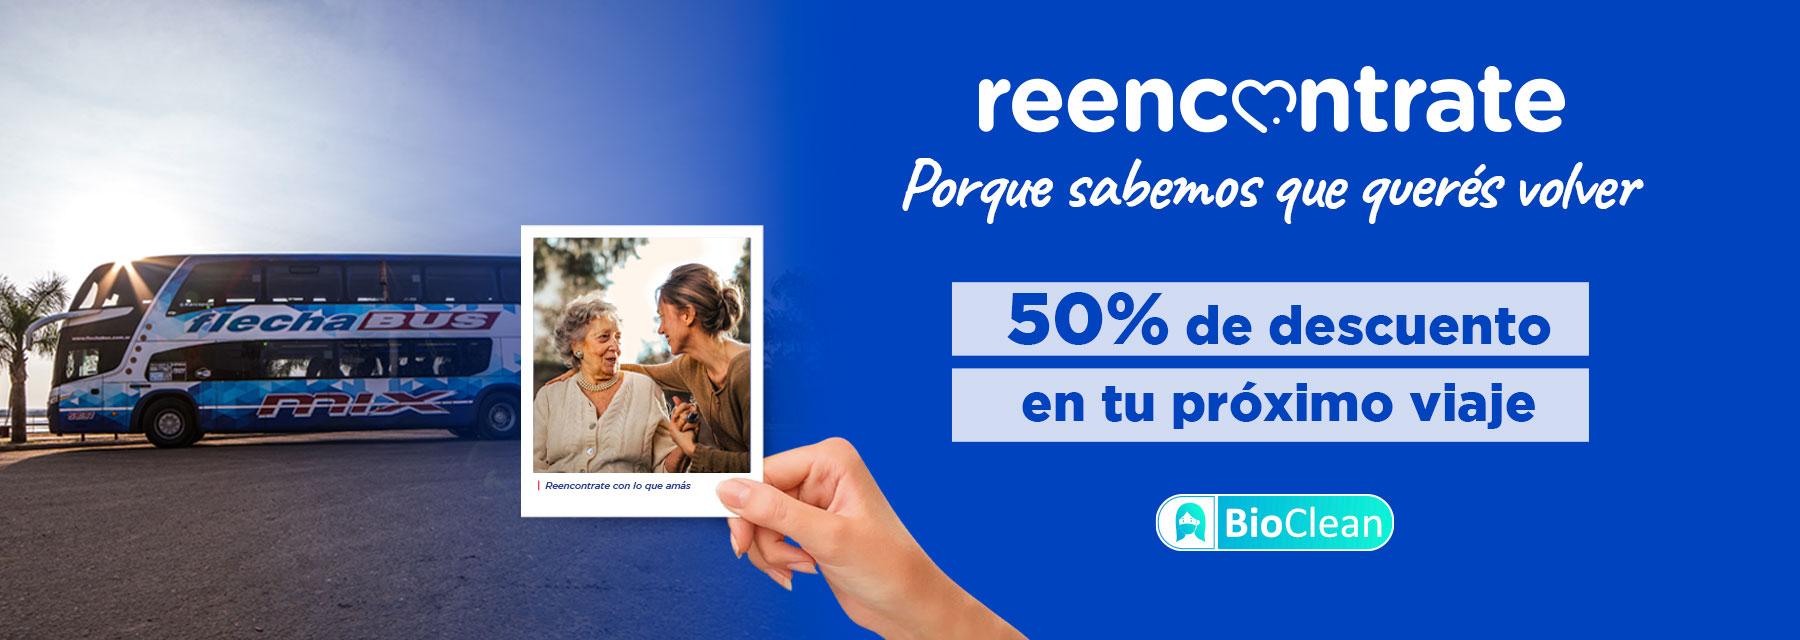 beneficio reencontrate viajar micro descuento 50% argentina flecha Bus H